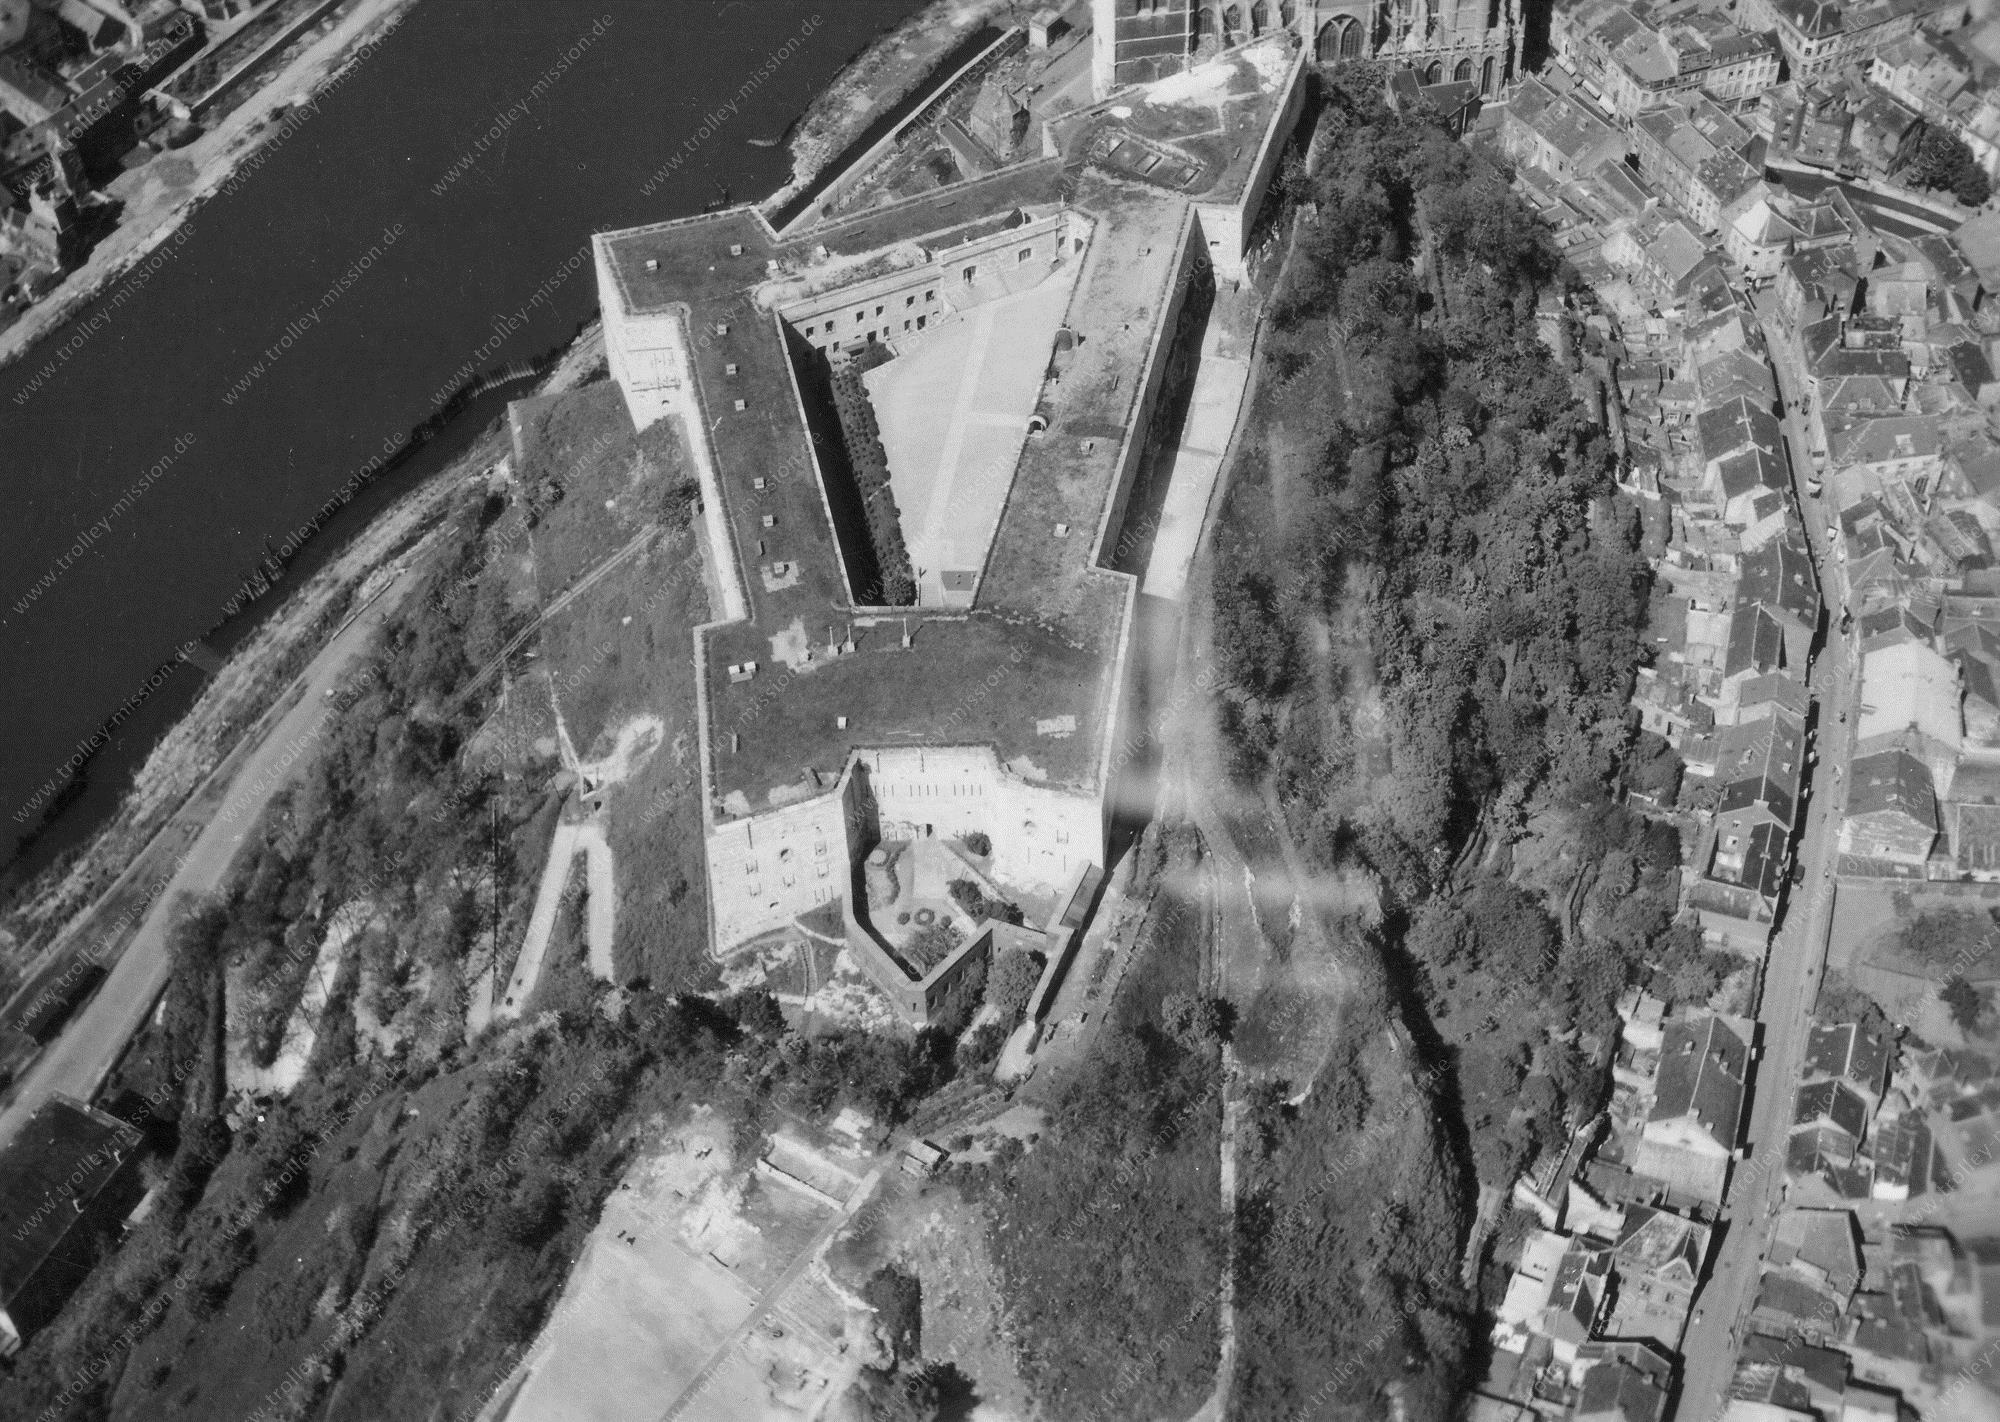 Luftbild der Zitadelle von Huy im Weltkrieg (Belgien)